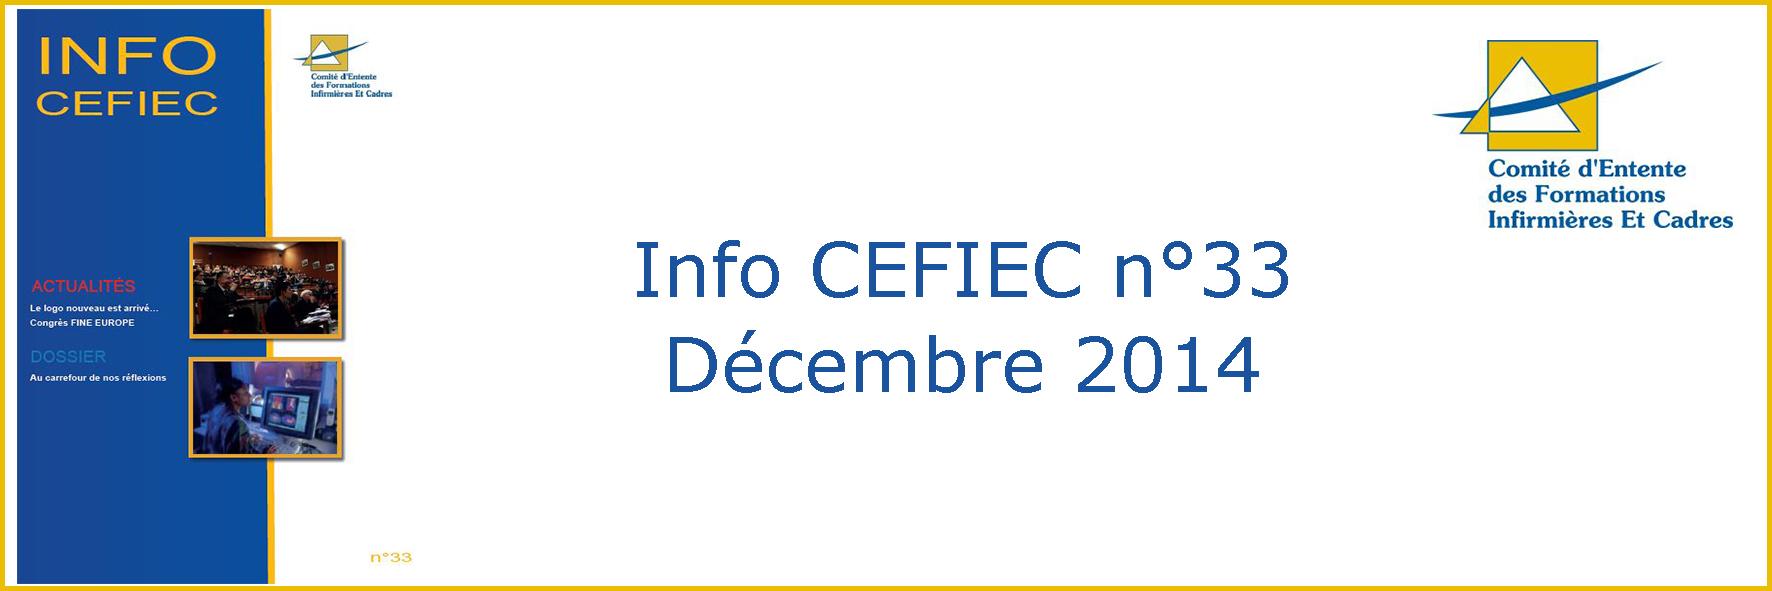 Info Cefiec n°33